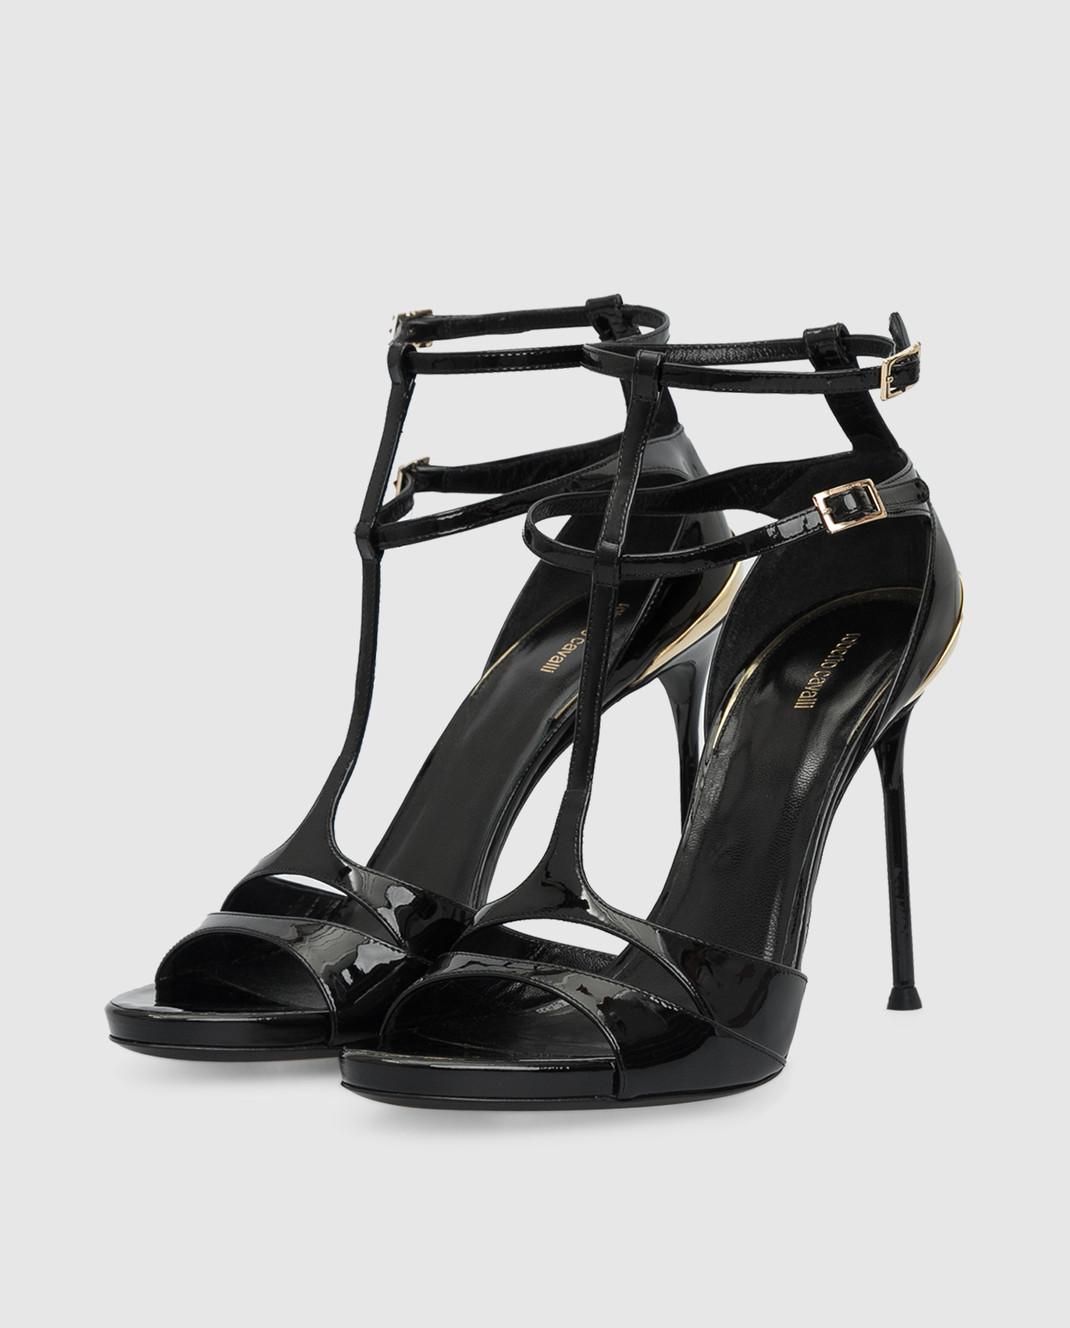 Roberto Cavalli Черные кожаные босоножки CQS163PL001 изображение 3